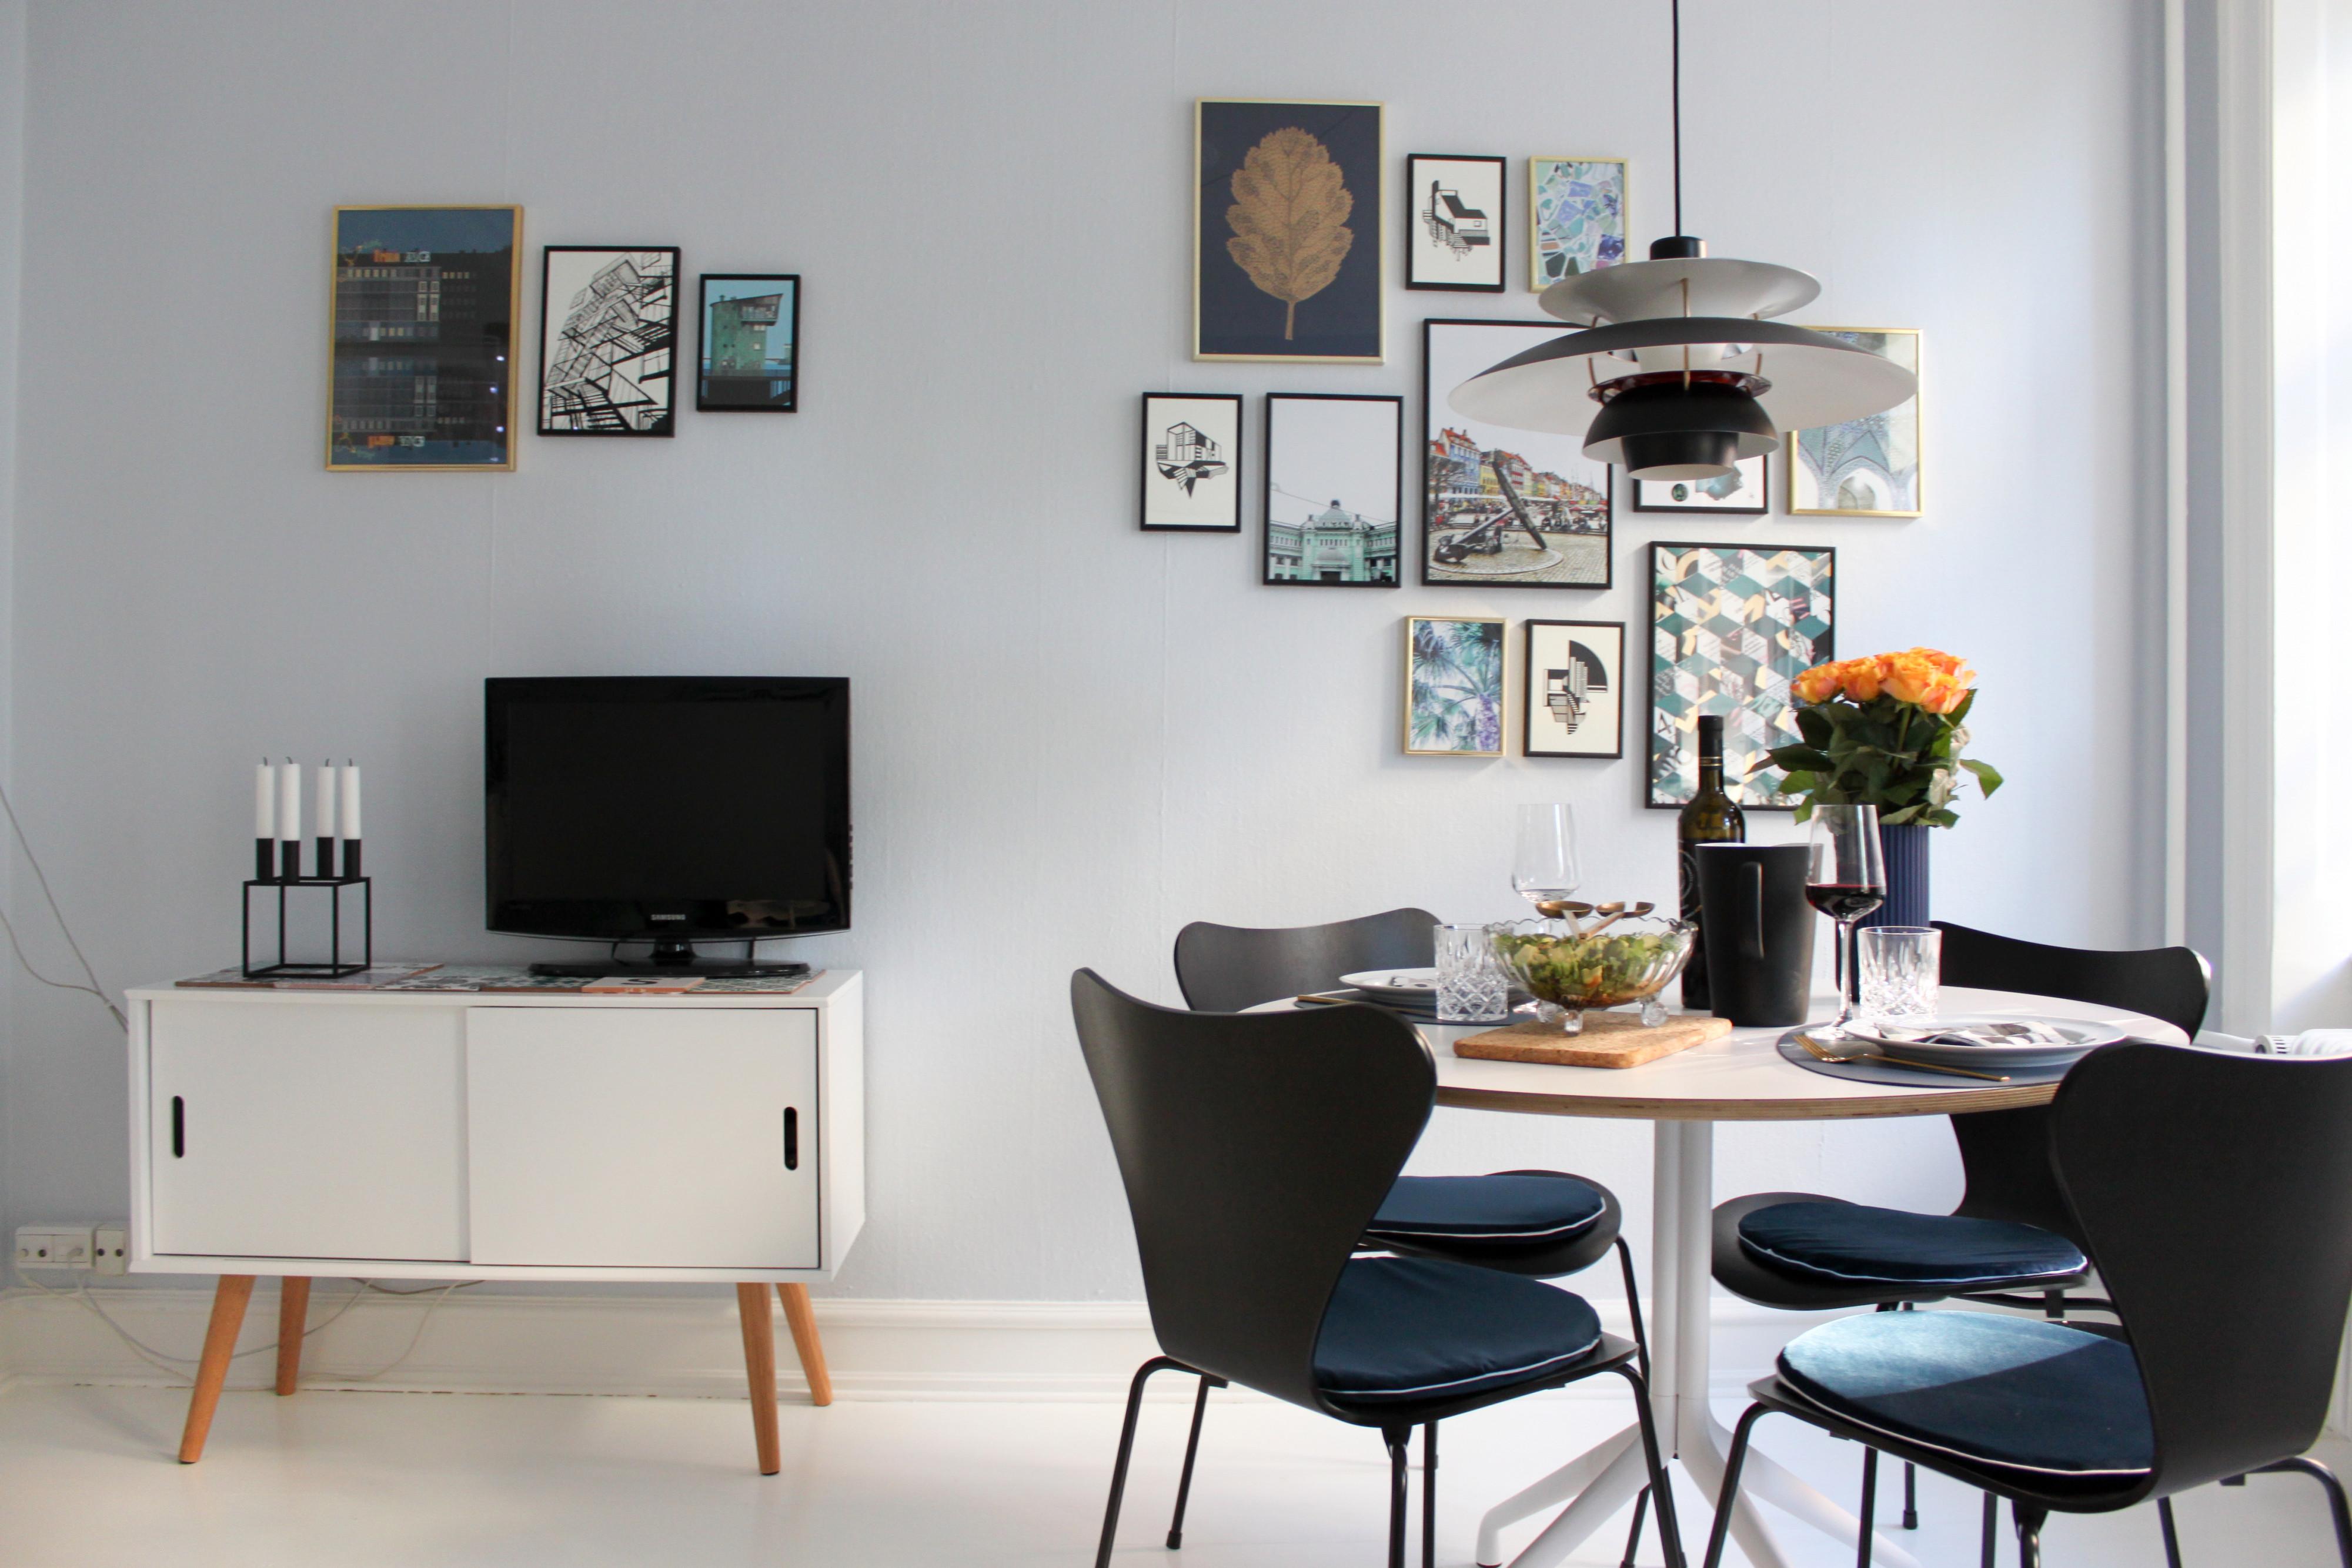 Nyt lovforslag om Airbnb gør det muligt at udleje enkeltværelser fremfor kun privatboliger, lyder kritikken fra Horesta. Pressefoto fra Airbnb